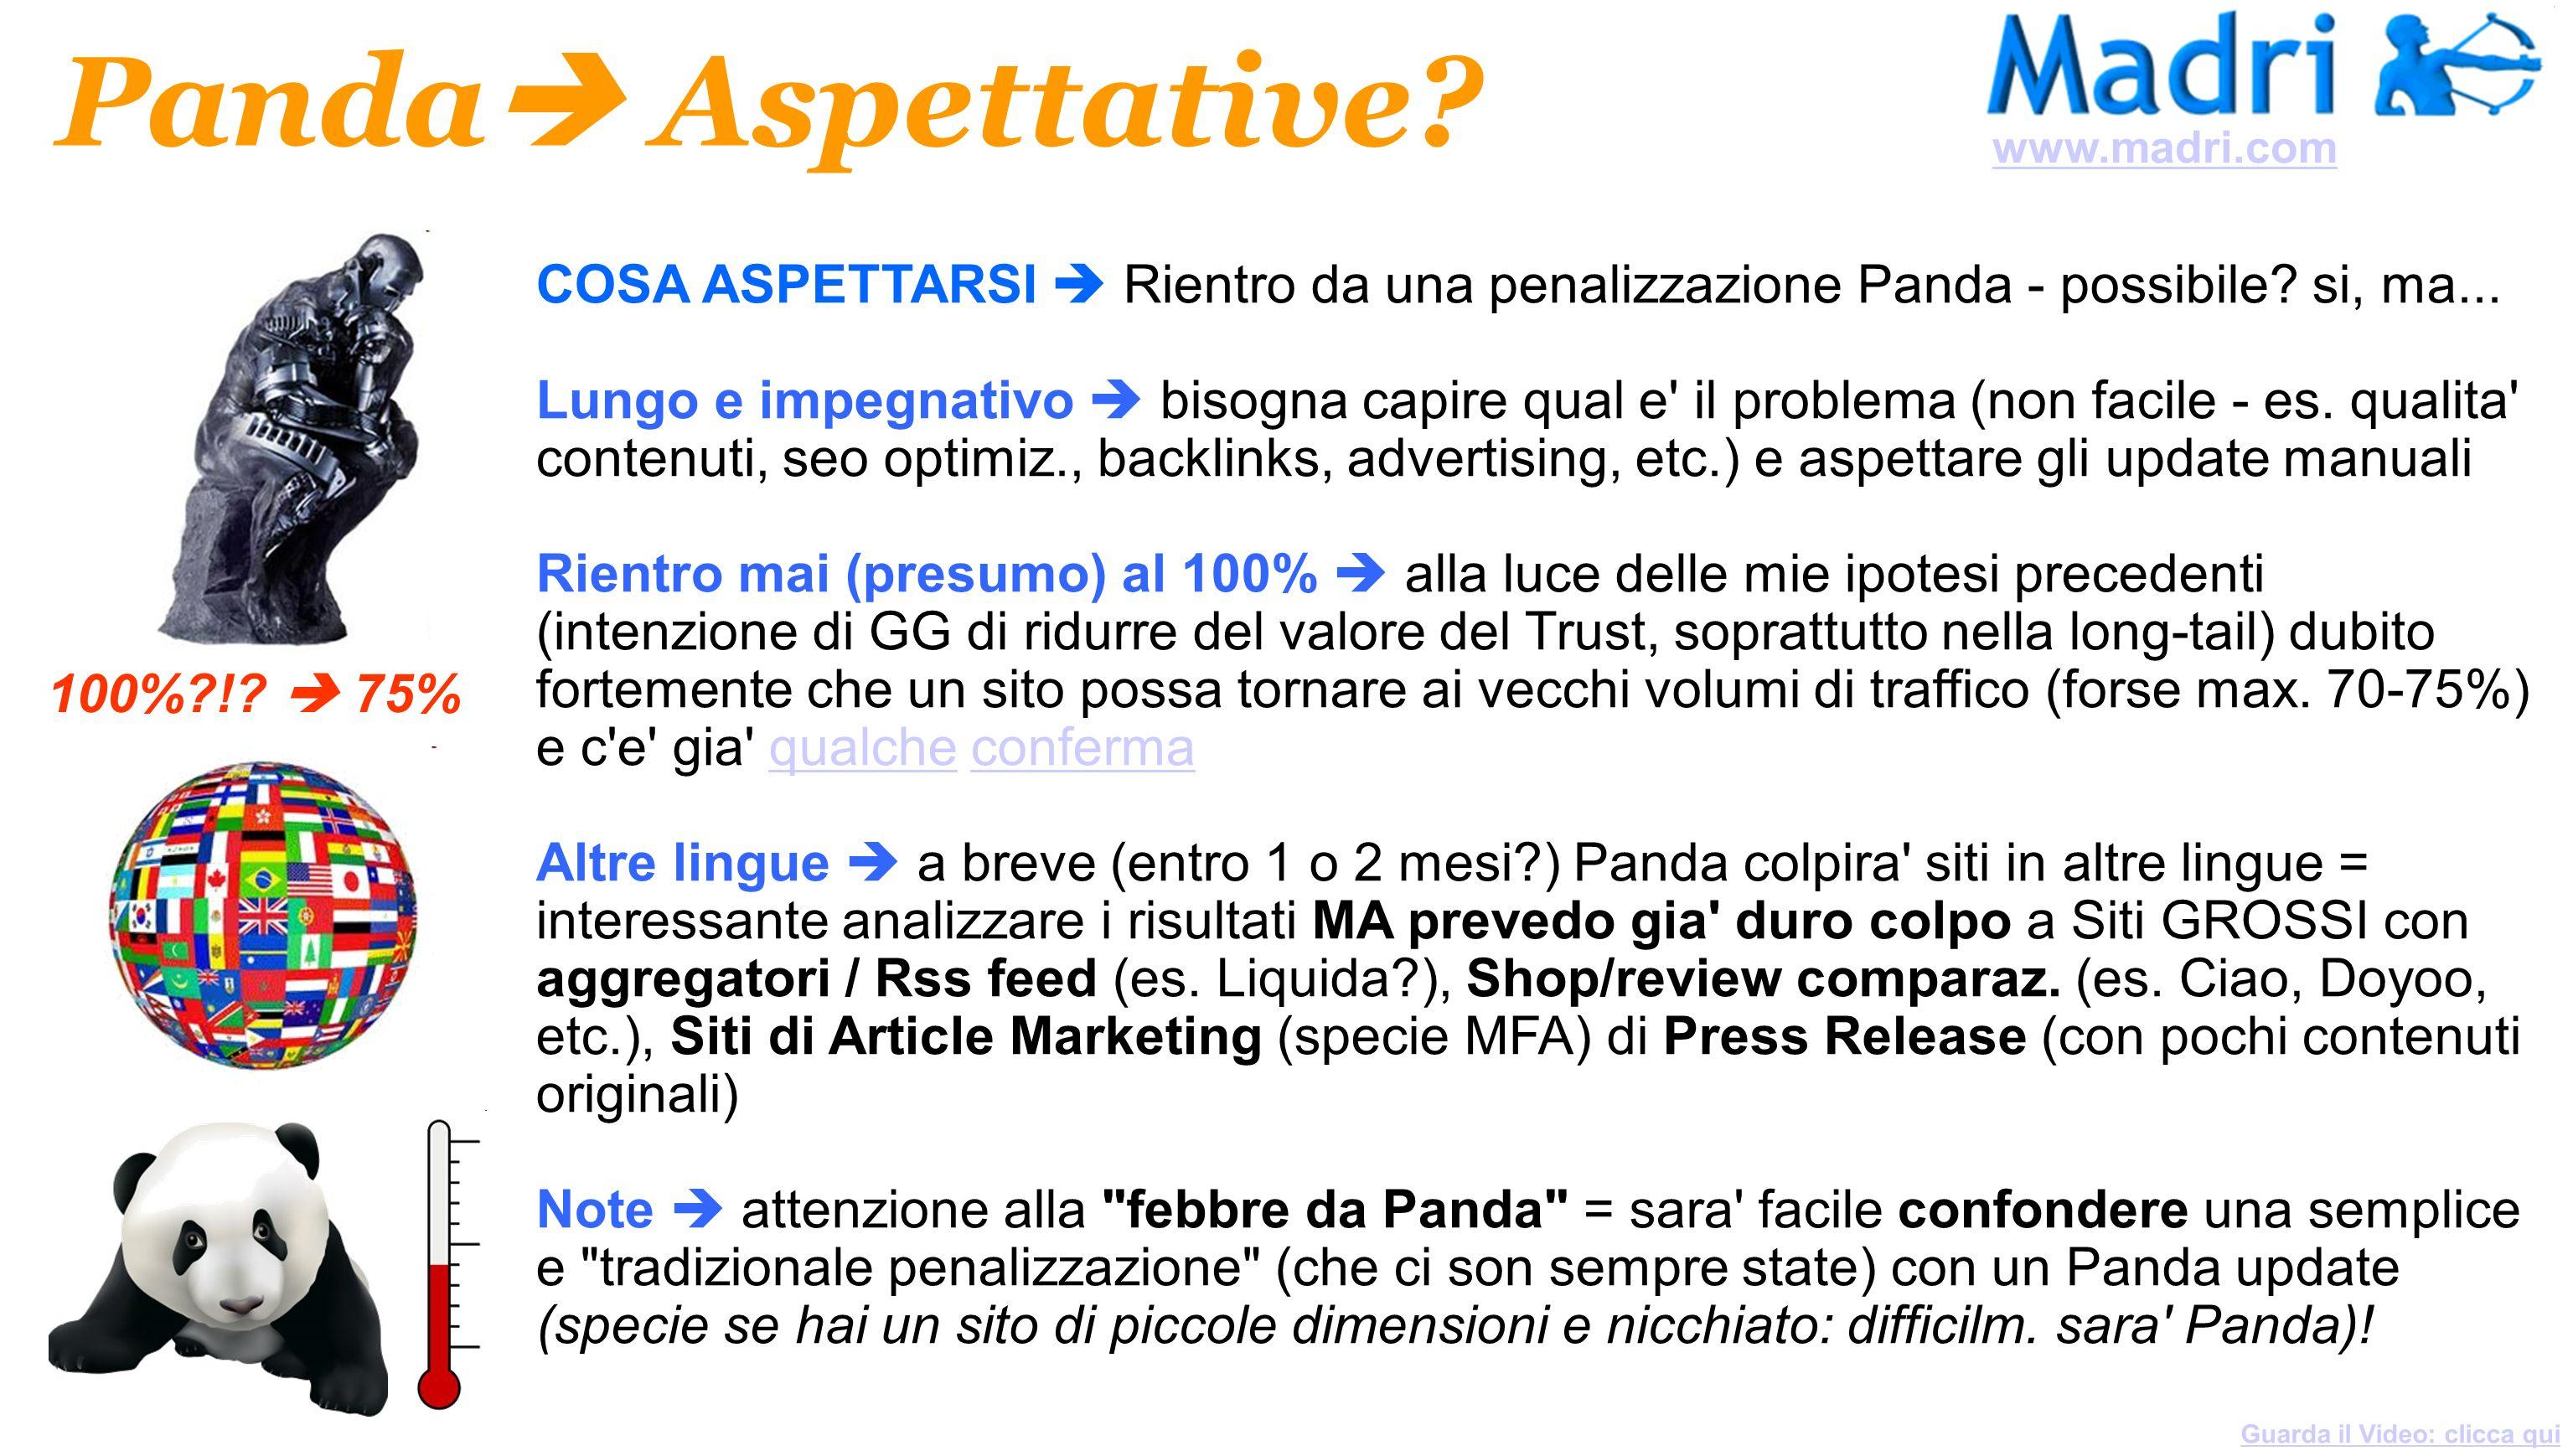 COSA ASPETTARSI Rientro da una penalizzazione Panda - possibile? si, ma... Lungo e impegnativo bisogna capire qual e' il problema (non facile - es. qu